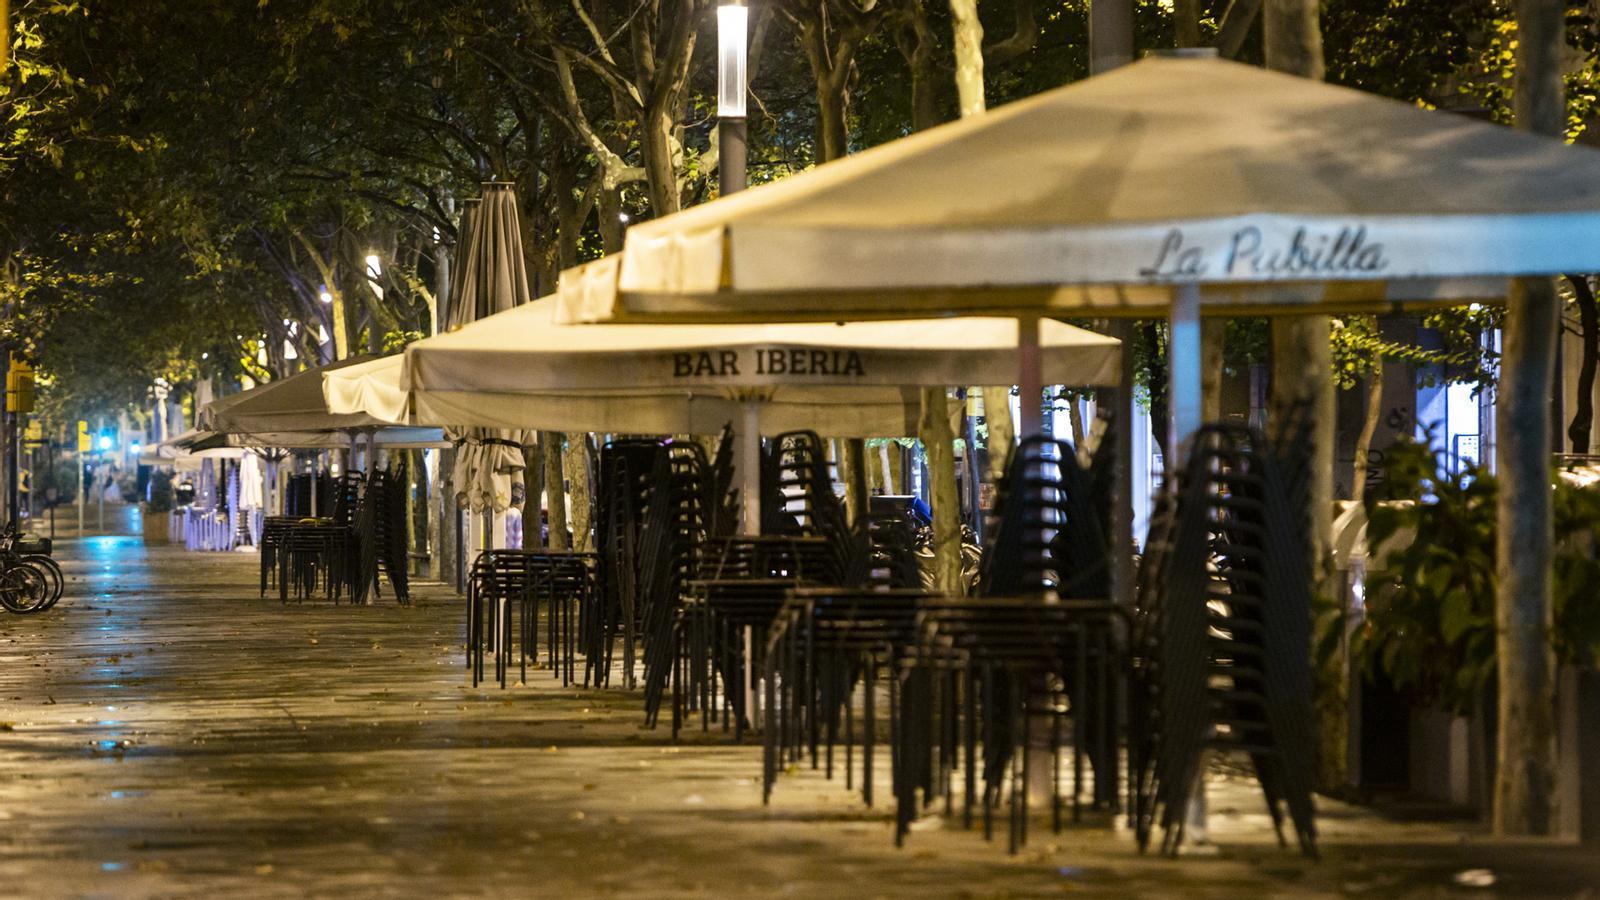 Primera nit de toc de queda; Aragonès representarà la Generalitat en la reunió amb Von der Leyen; reunió de la directiva del Barça pel vot de censura: les claus del dia, amb Antoni Bassas (26/10/2020)